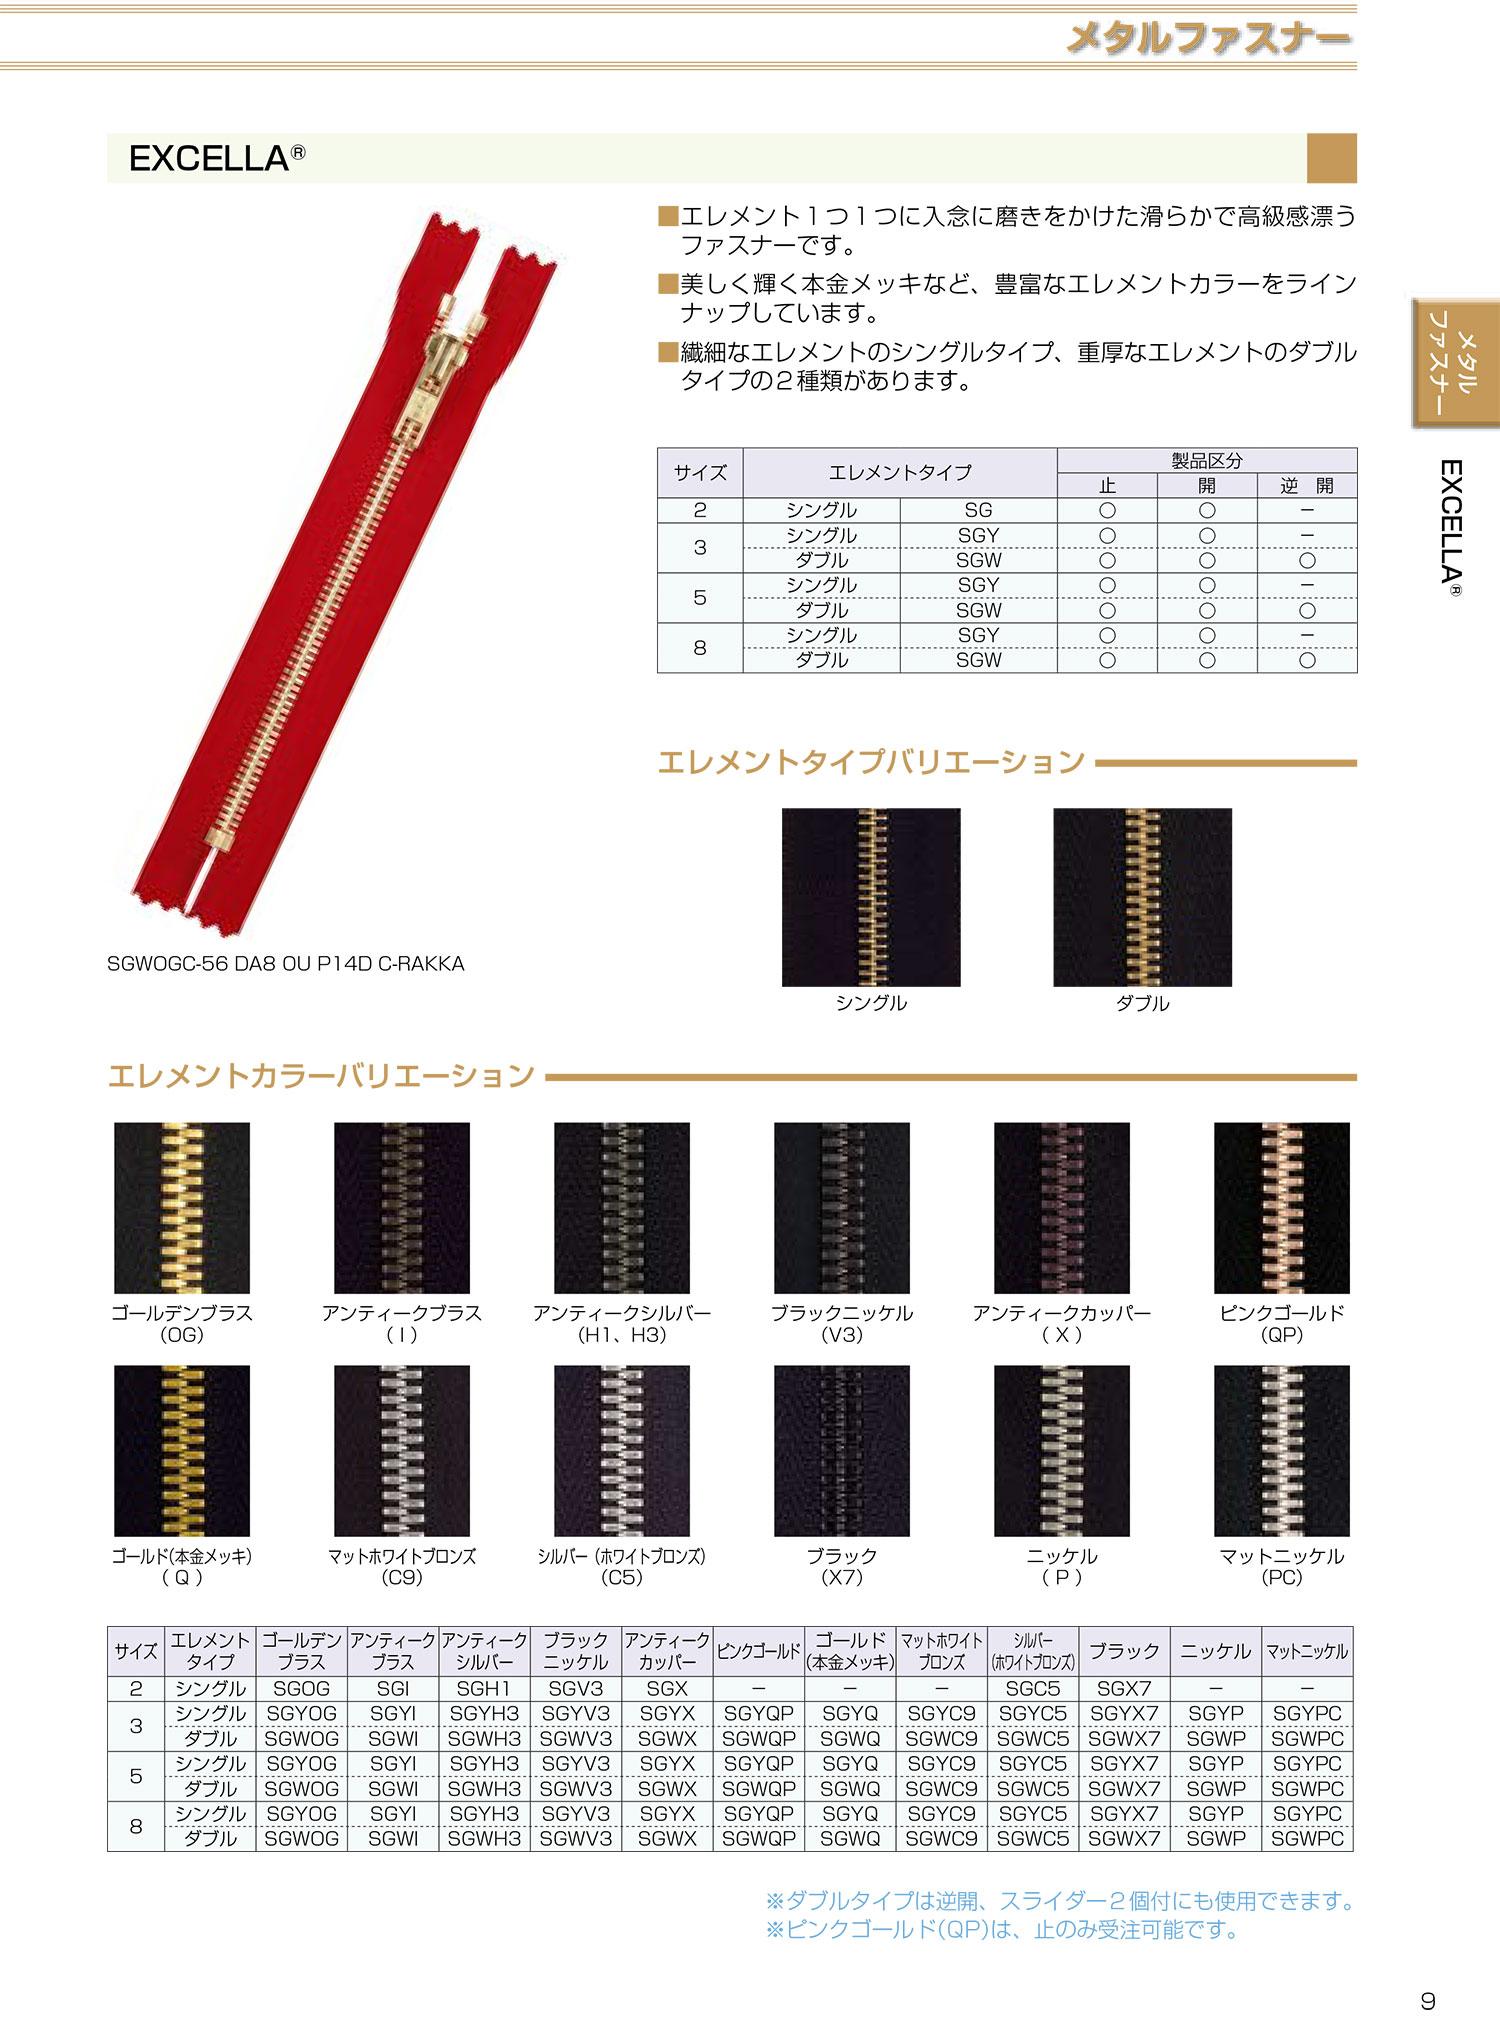 2SGXC エクセラ 2サイズ アンティークカッパー 止め シングル[ファスナー] YKK/オークラ商事 - ApparelX アパレル資材卸通販